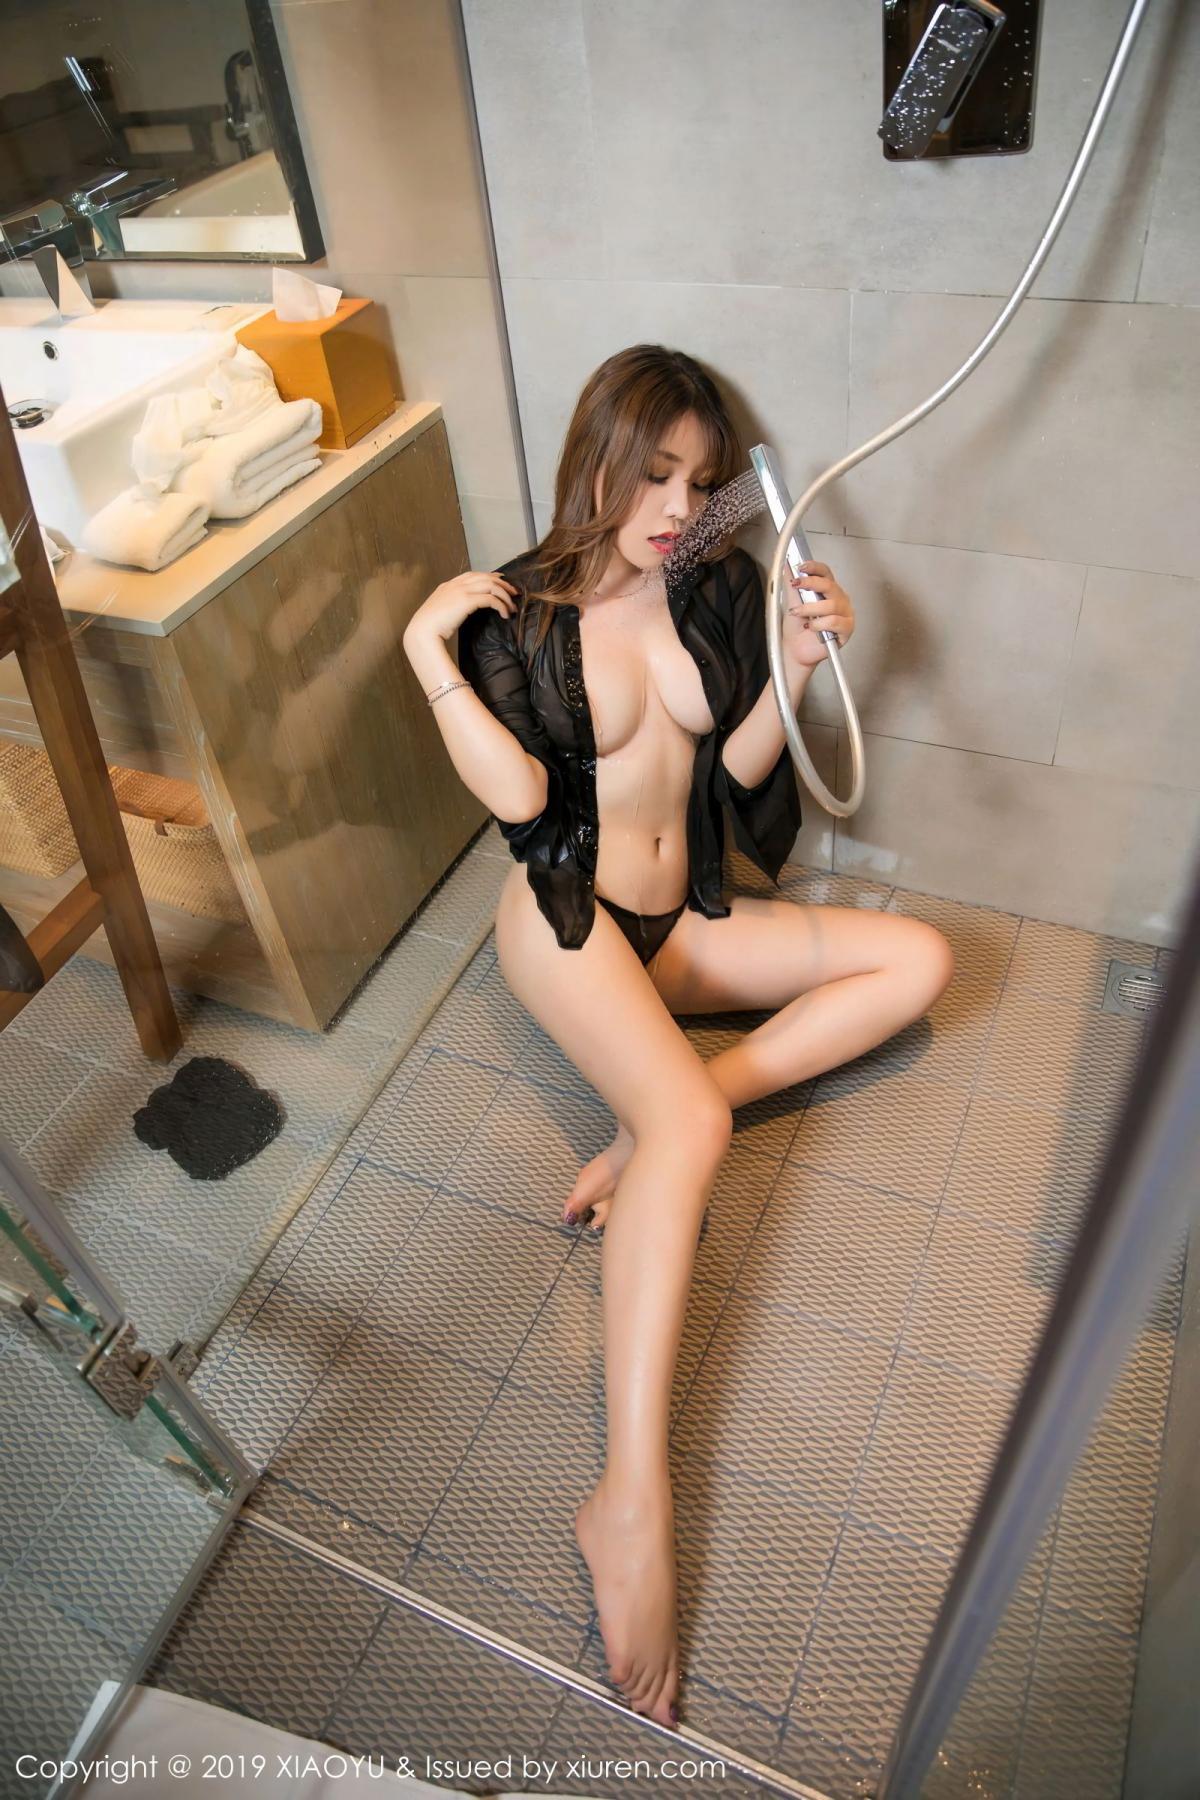 [XiaoYu] Vol.105 Chen Zhi 5P, Bathroom, Big Booty, Chen Zhi, Wet, XiaoYu